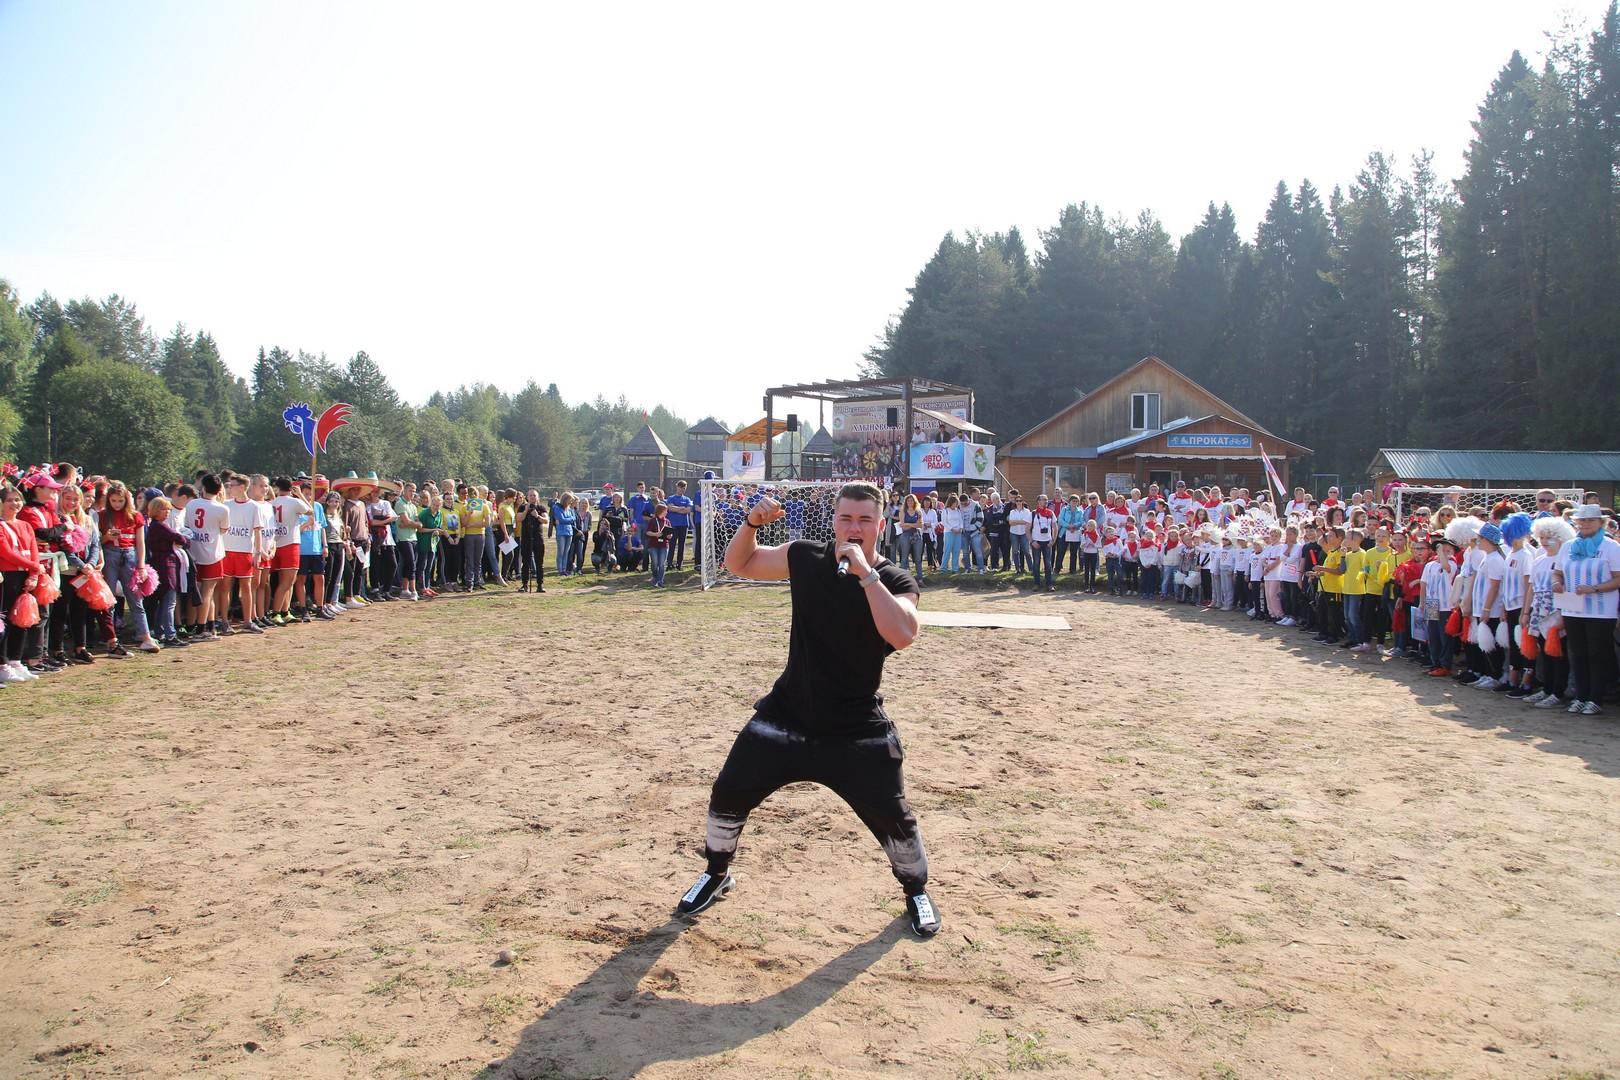 КЭПЛ провел в Порошино традиционный турслет